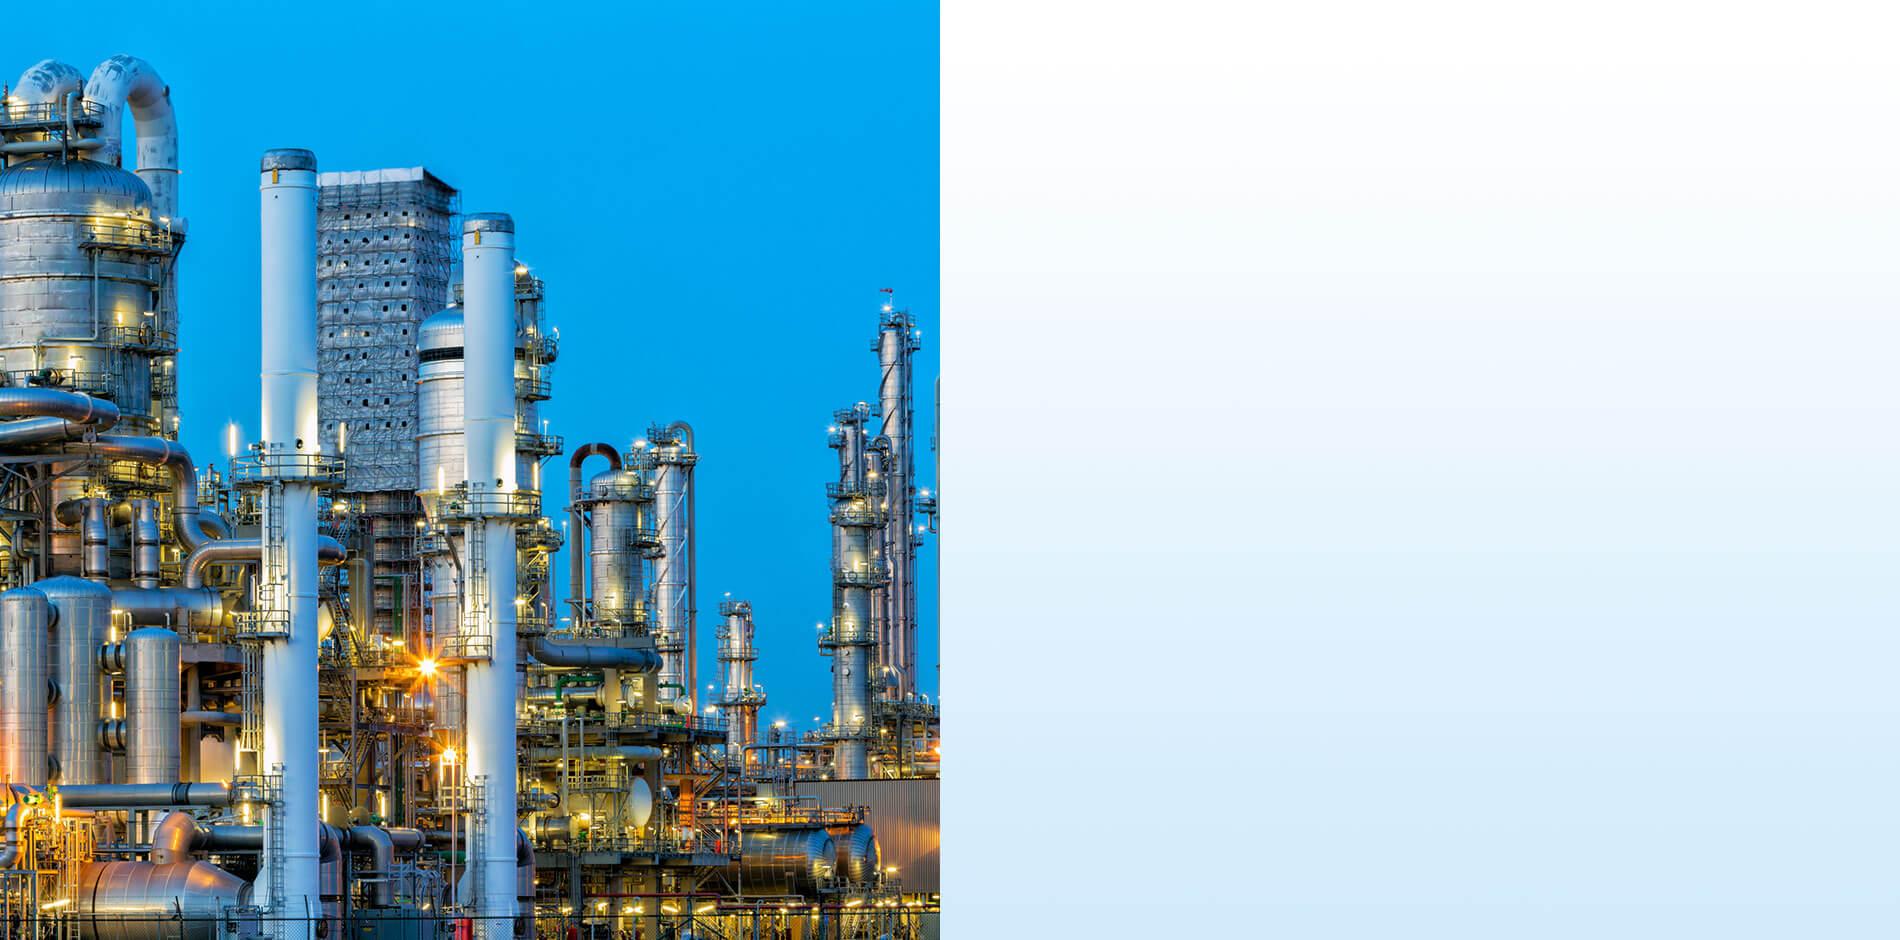 Aufkonzentration von Flüssigkeiten & Zero Liquid Discharge (ZLD)